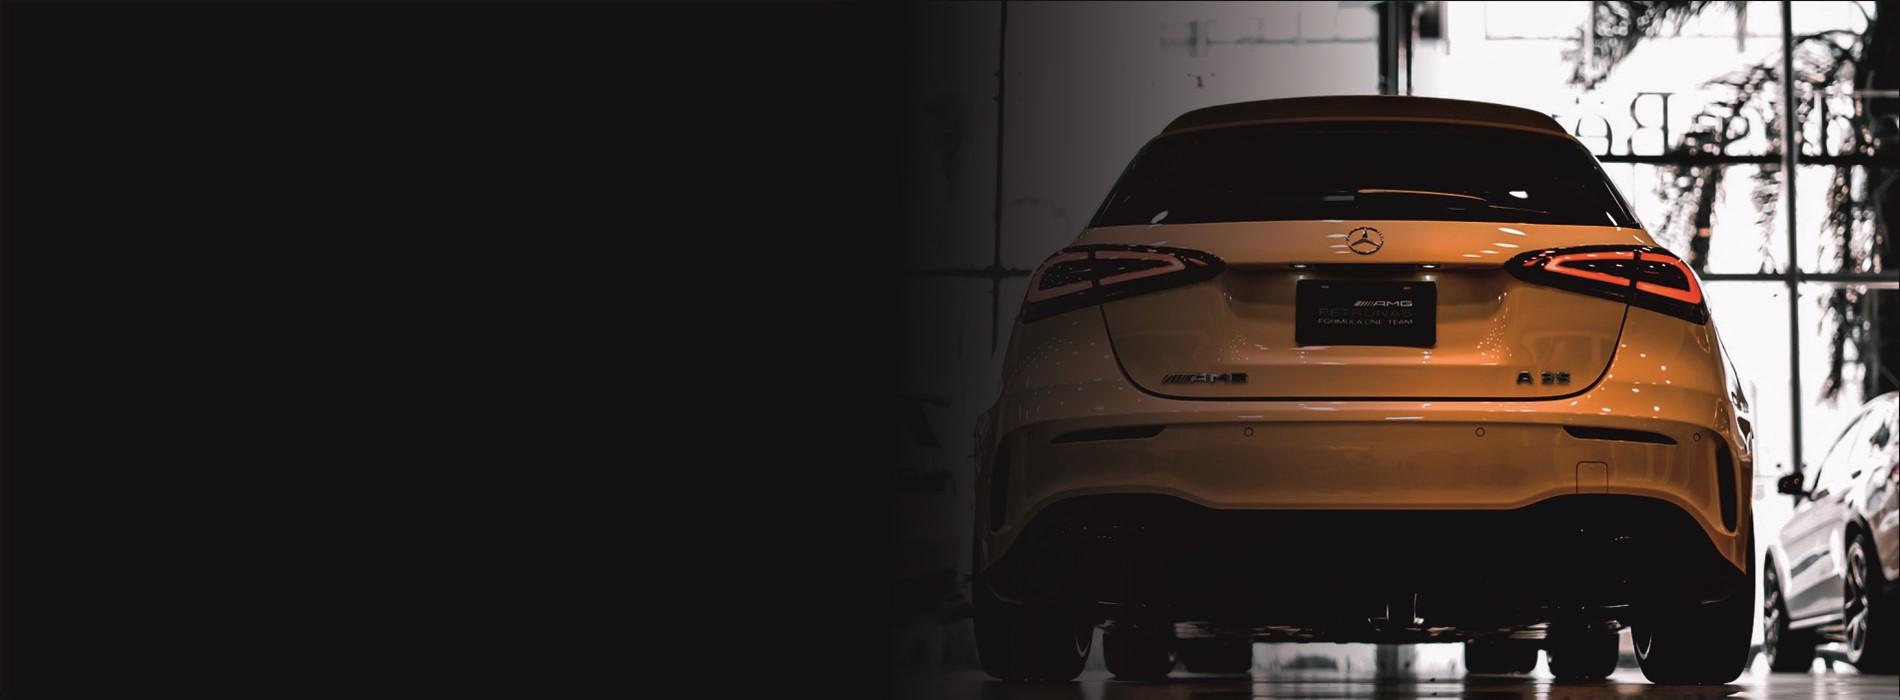 Mercedes-AMG A 35 Hatchback 2021